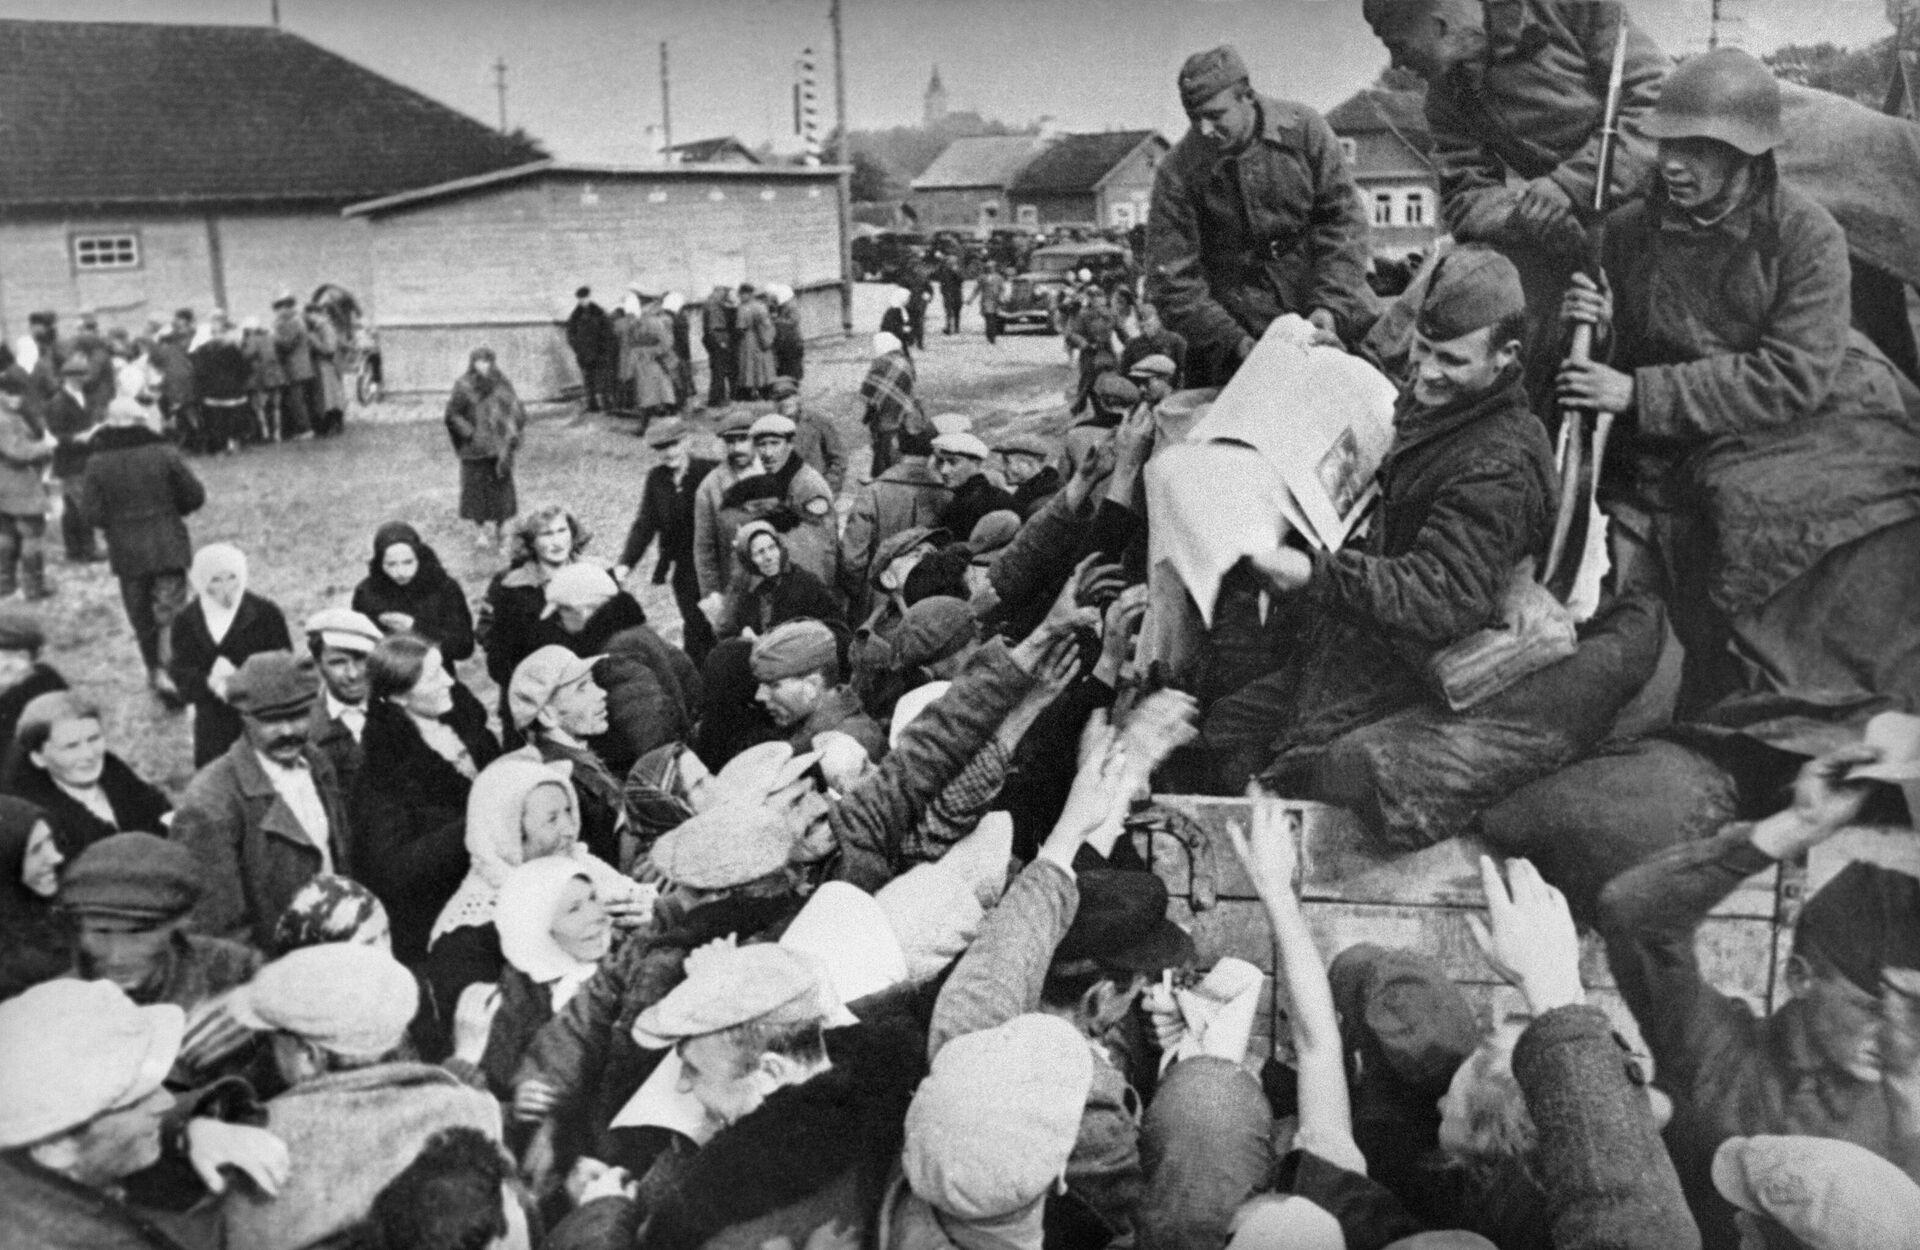 В первый день вступления Советских войск в Западную Беларусь, бойцы раздают газету Правда населению - Sputnik Беларусь, 1920, 17.09.2021